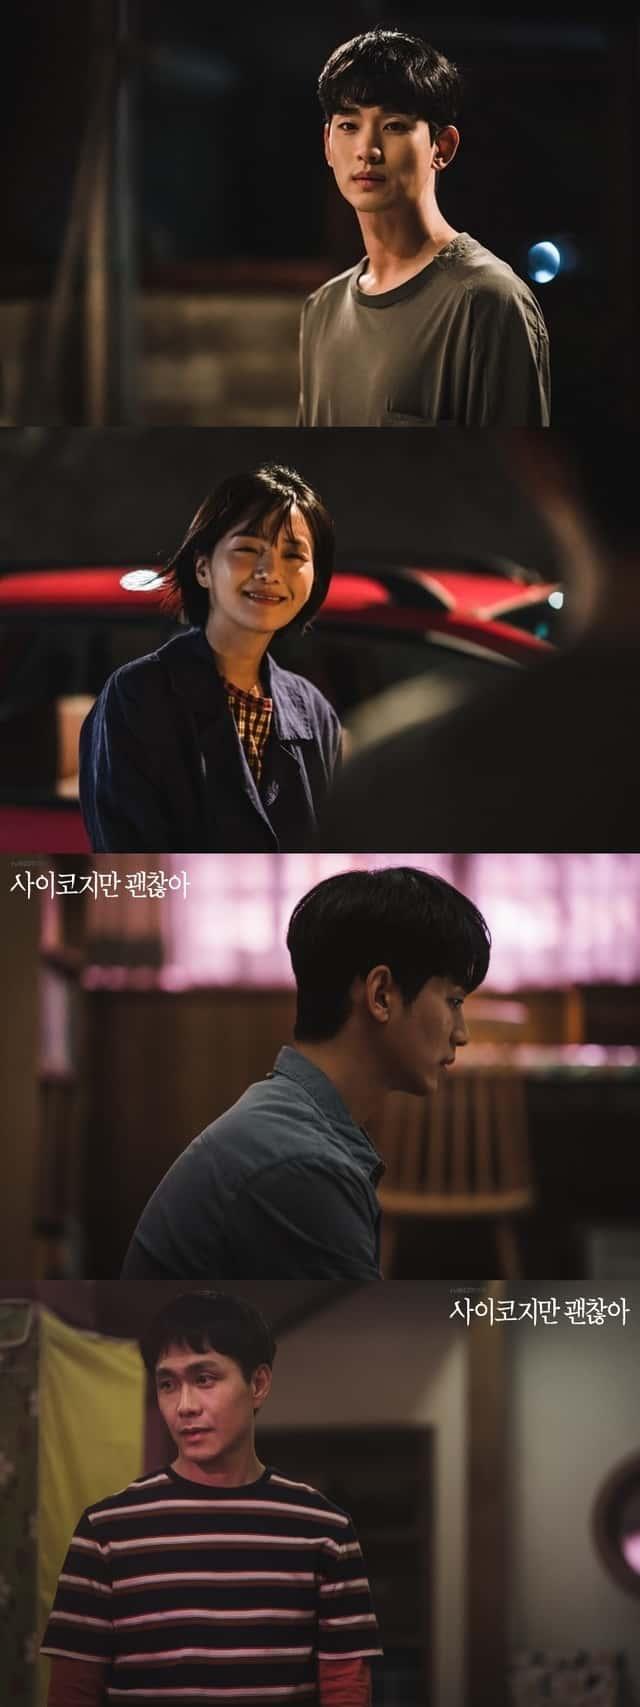 พรีวิว ซีรีส์ It's Okay to Not Be Okay EP.10 คิมซูฮยอน กับอดีตในวัยเด็กของเขา